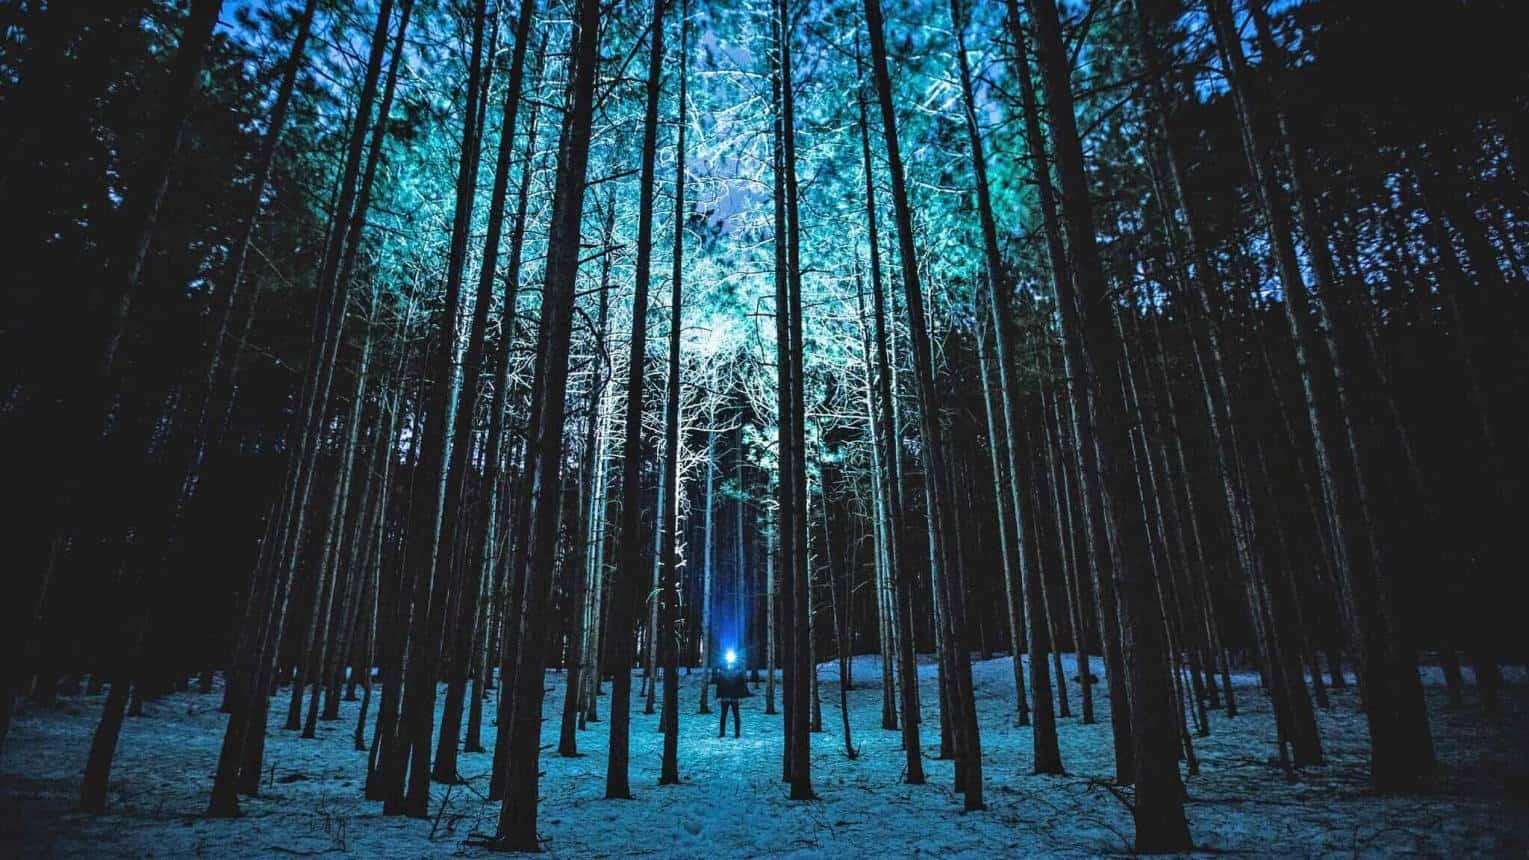 Láthatatlan erdő - A pályán teljes sötétségben lesztek végig!